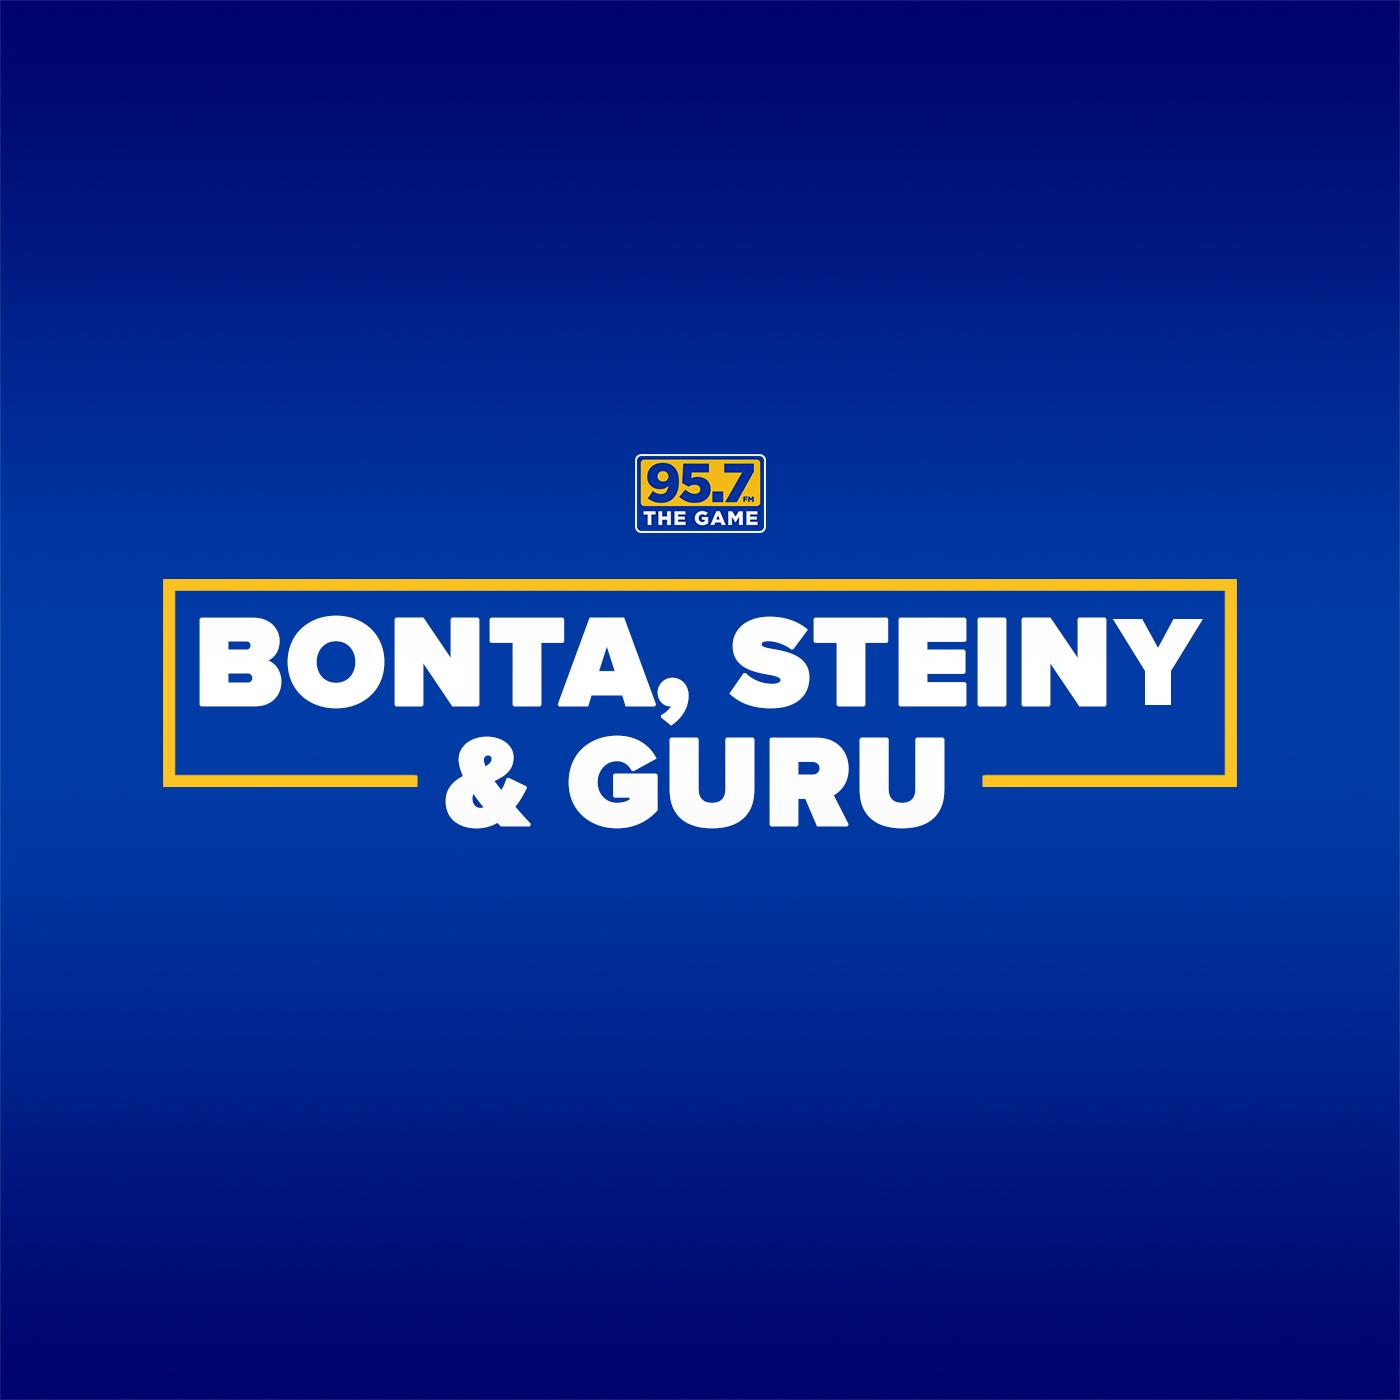 Bonta, Steiny & Guru